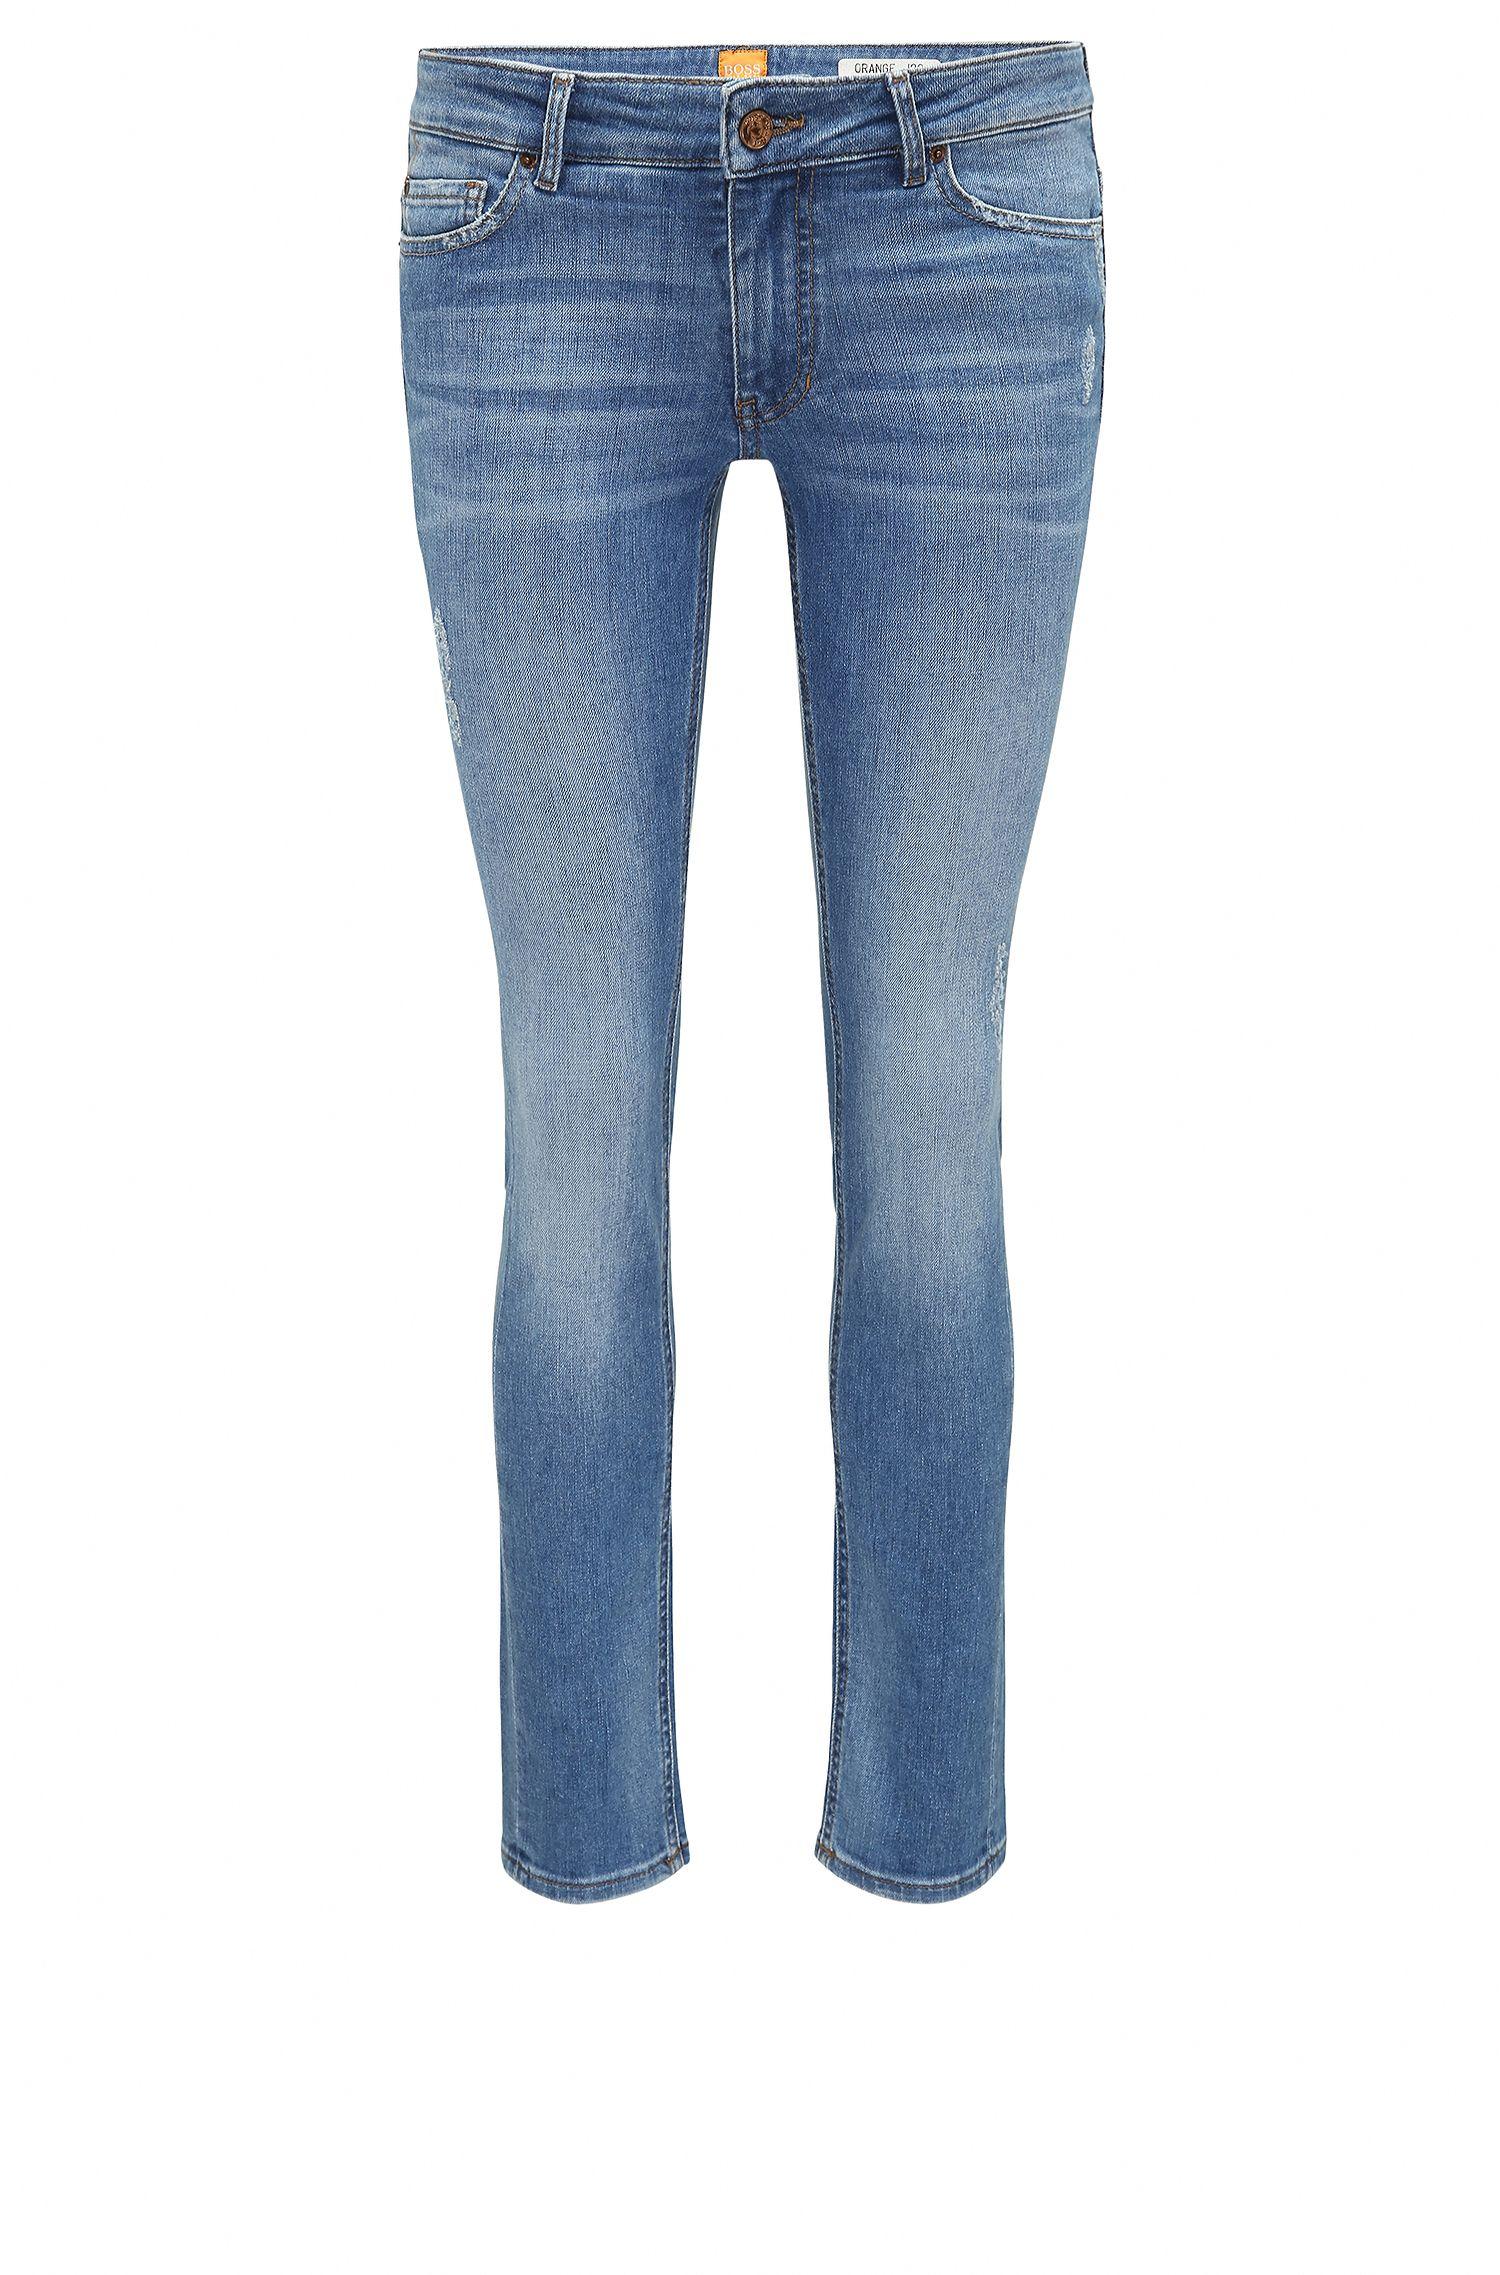 Slim-Fit Jeans aus komfortablem Stretch-Denim im Destroyed-Look